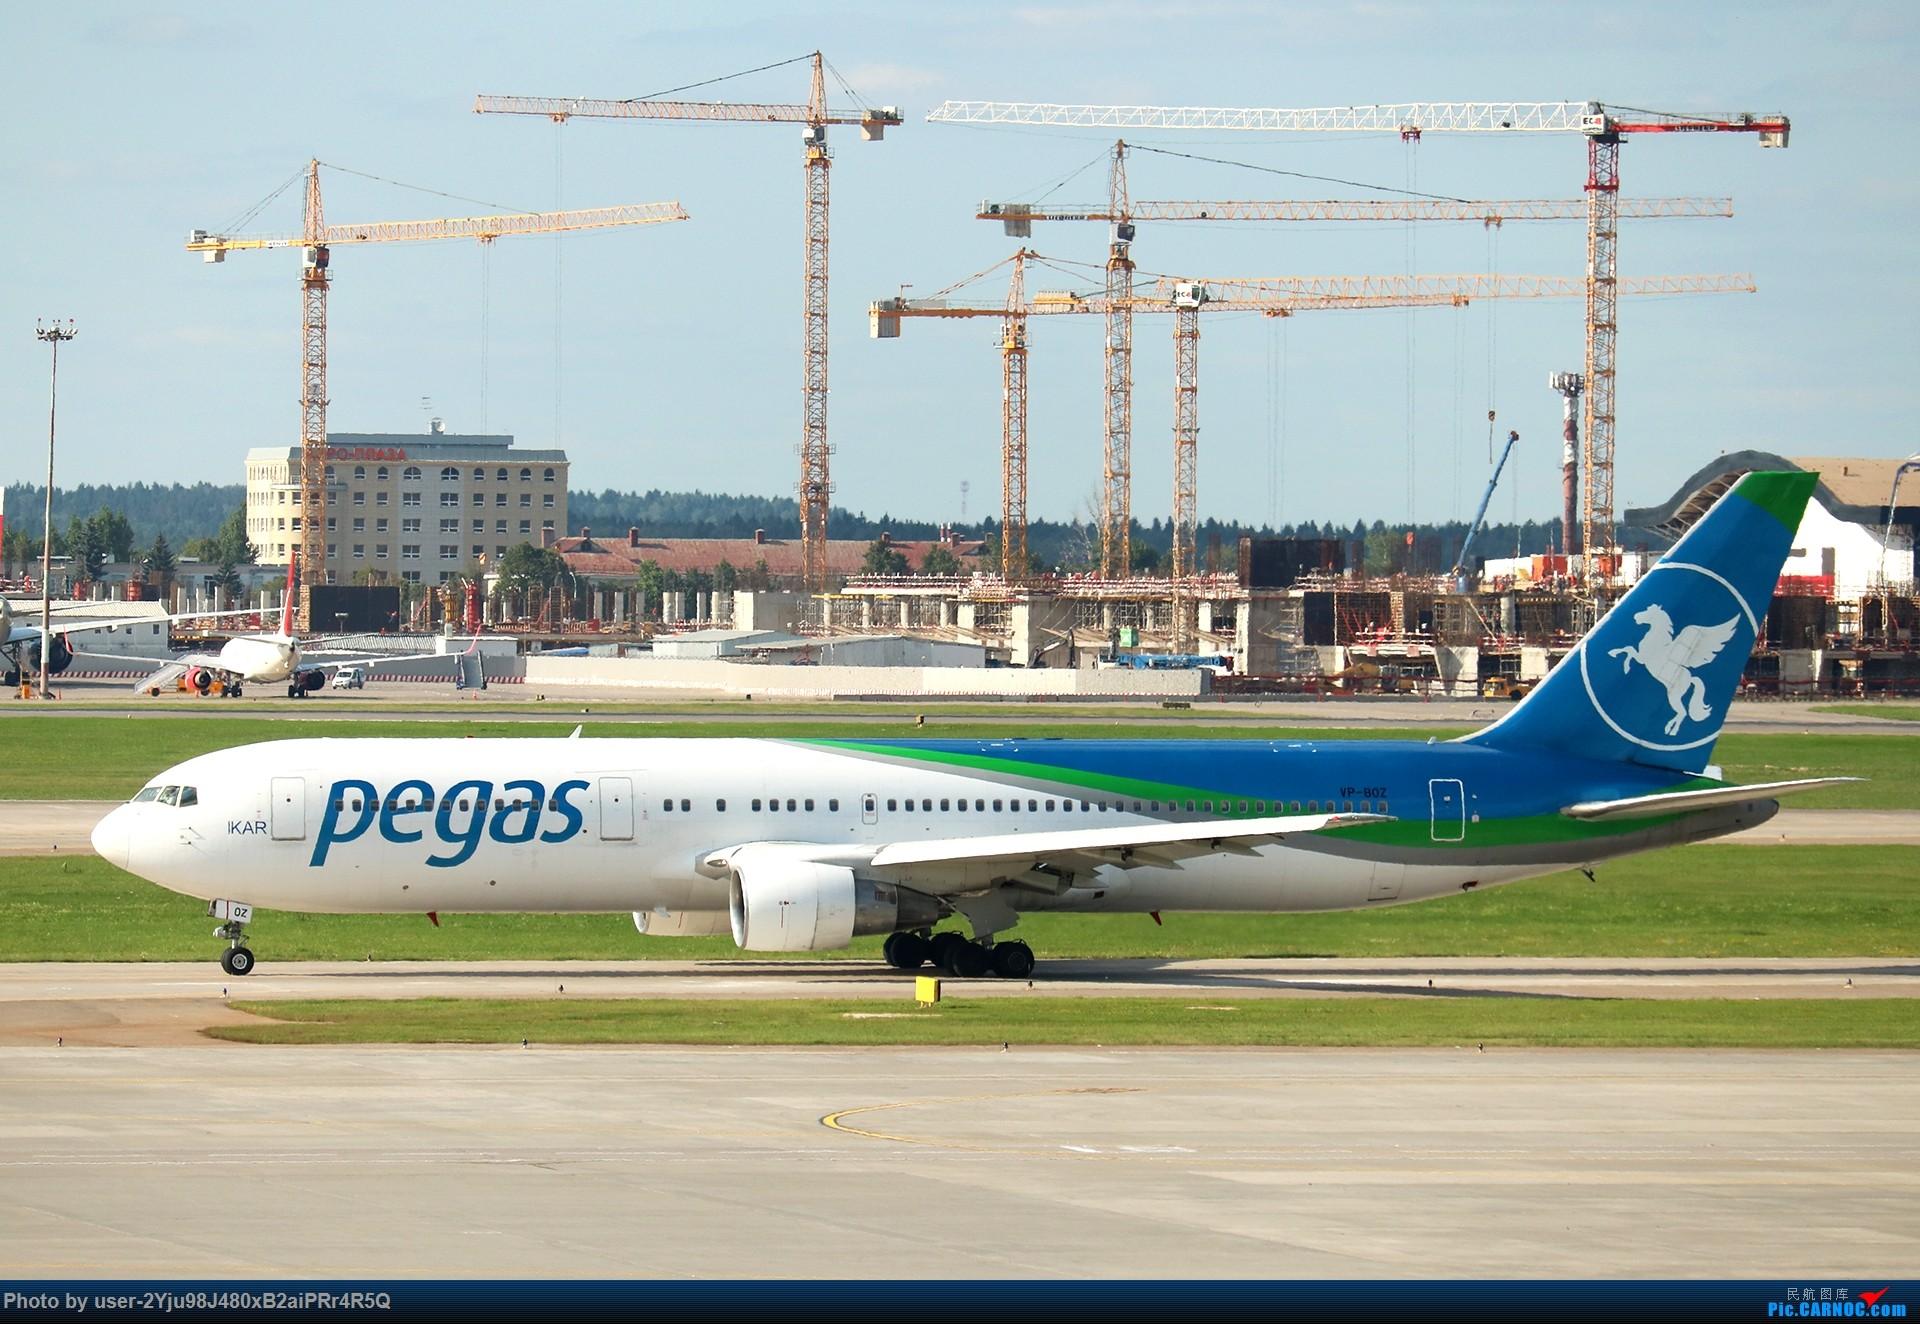 Re:[原创]LIULIU|Sheremetyevo的漫游|其他篇 BOEING 767-3G5(ER) VP-BOZ 俄罗斯谢诺梅杰沃机场